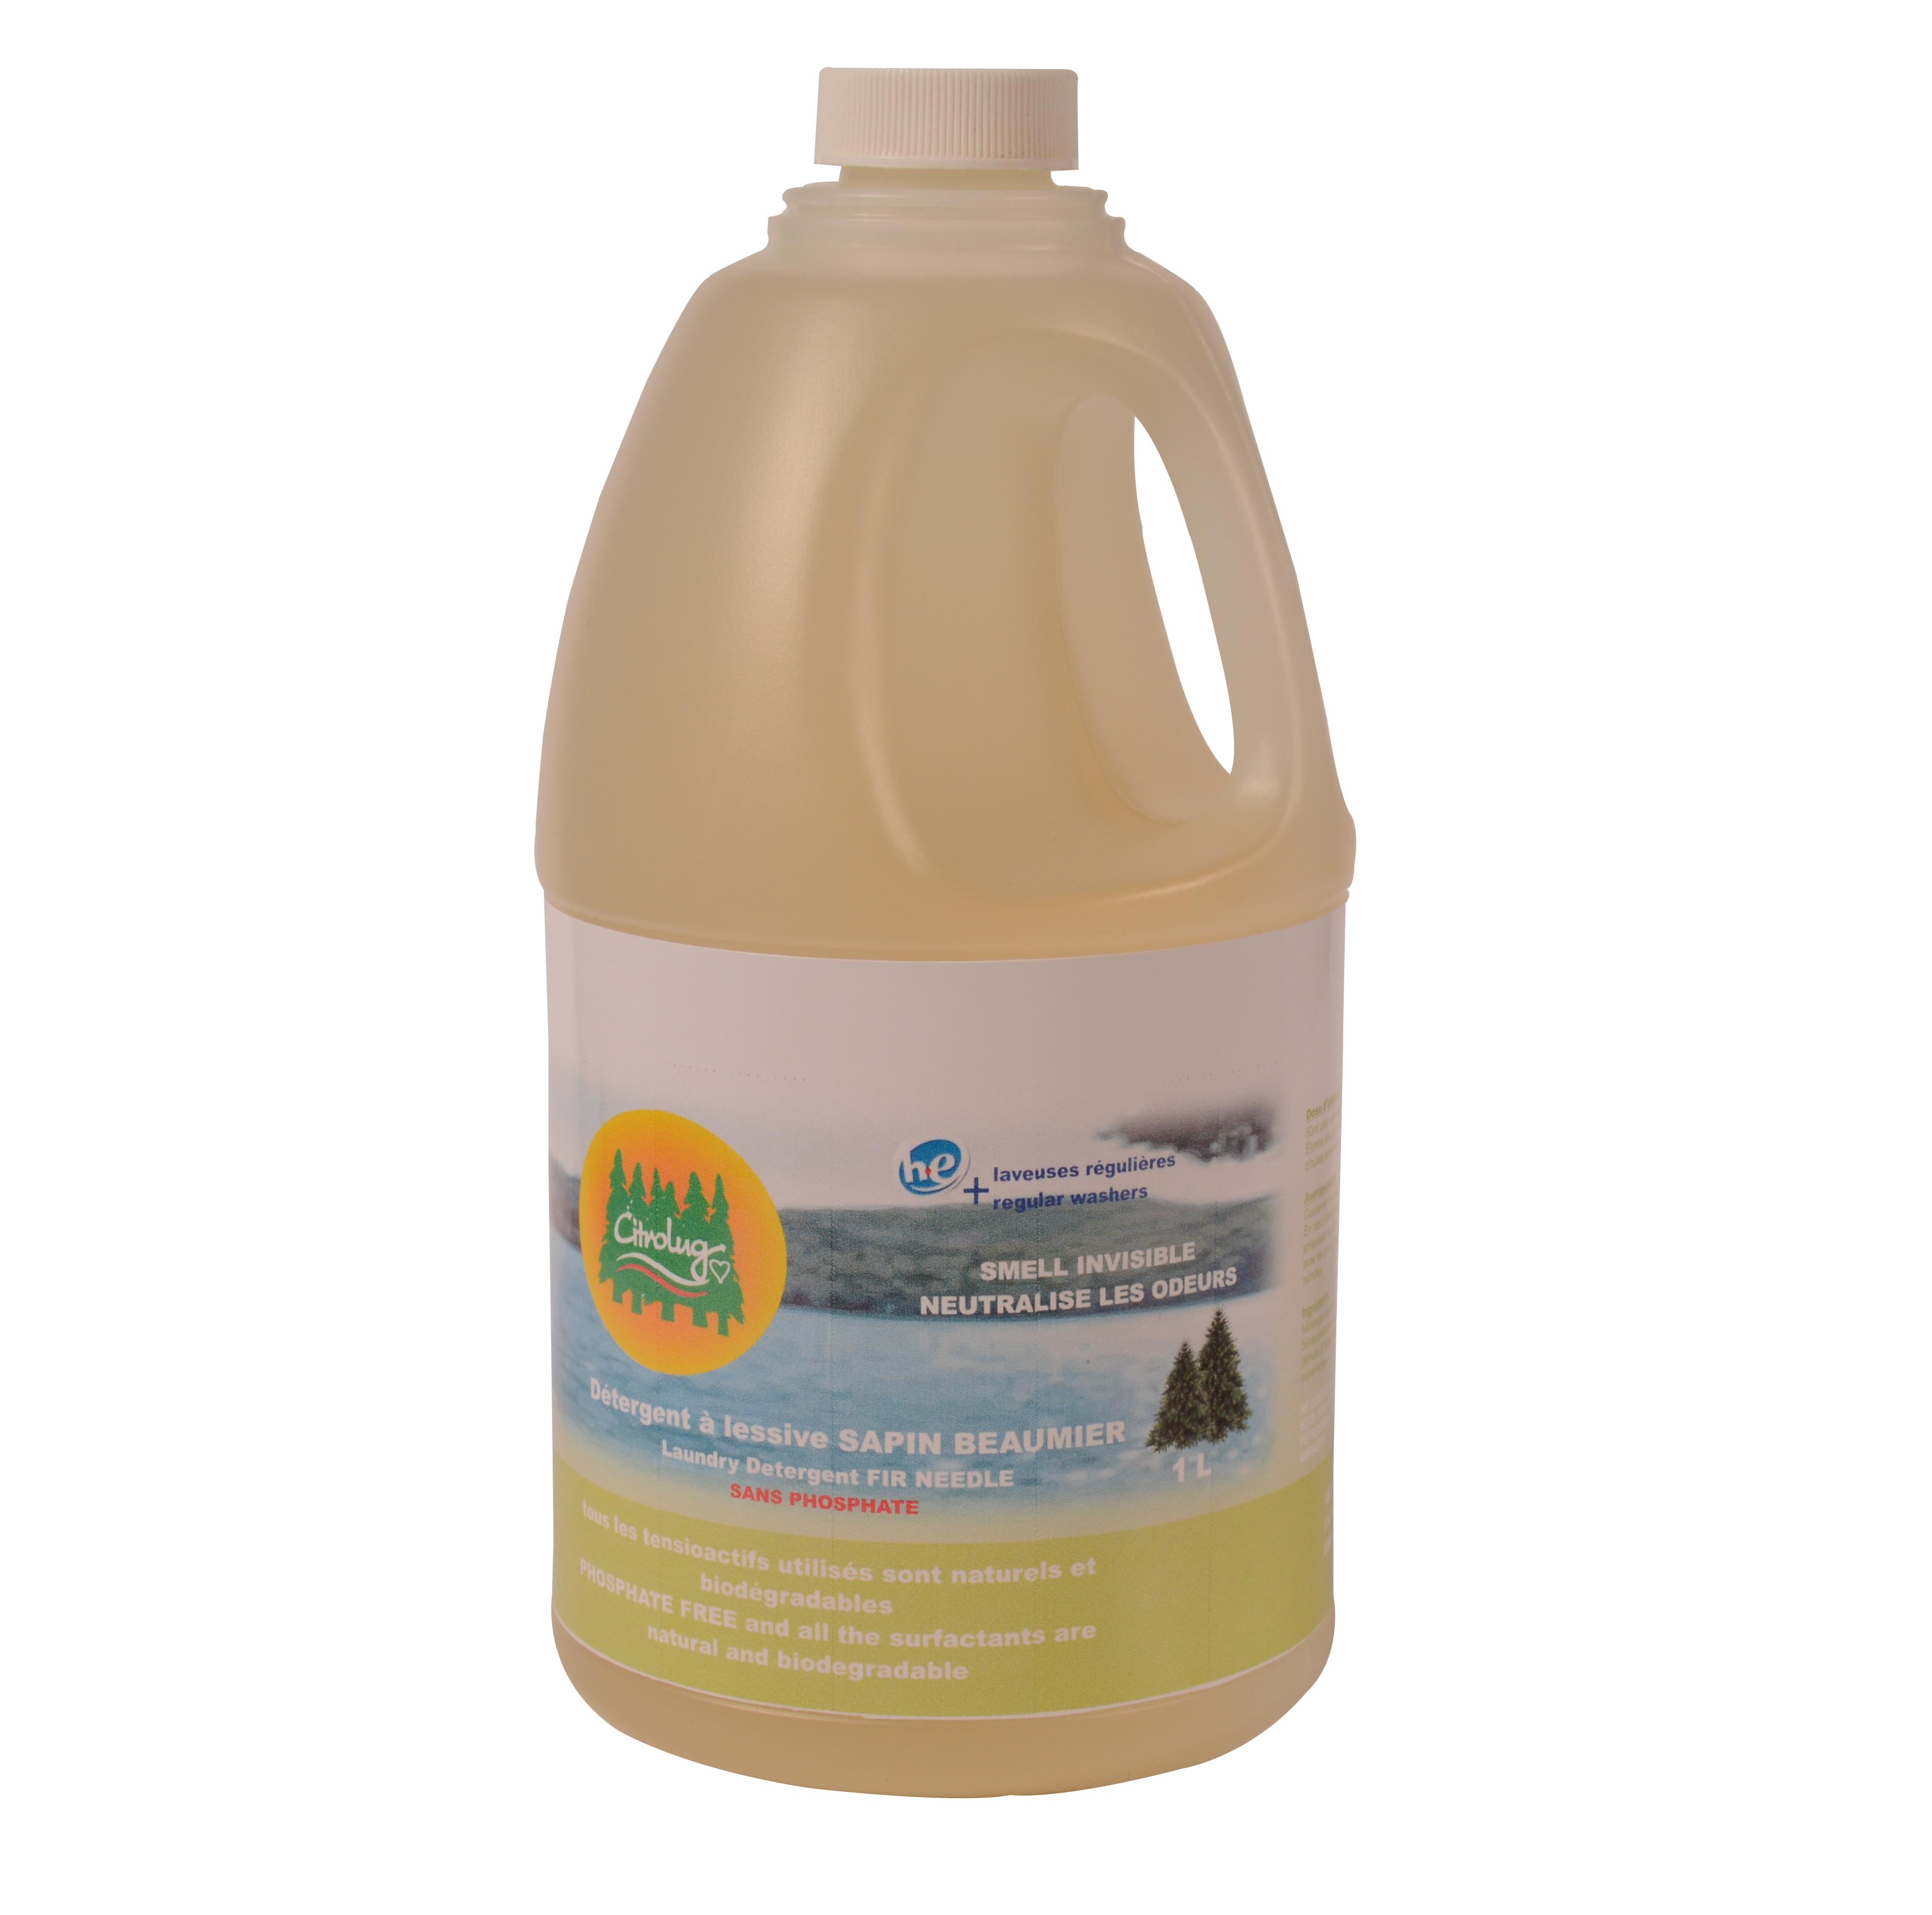 Savon Sans Odeur Pour La Chasse détergent à lessive odeur de sapin baumier - citrobug